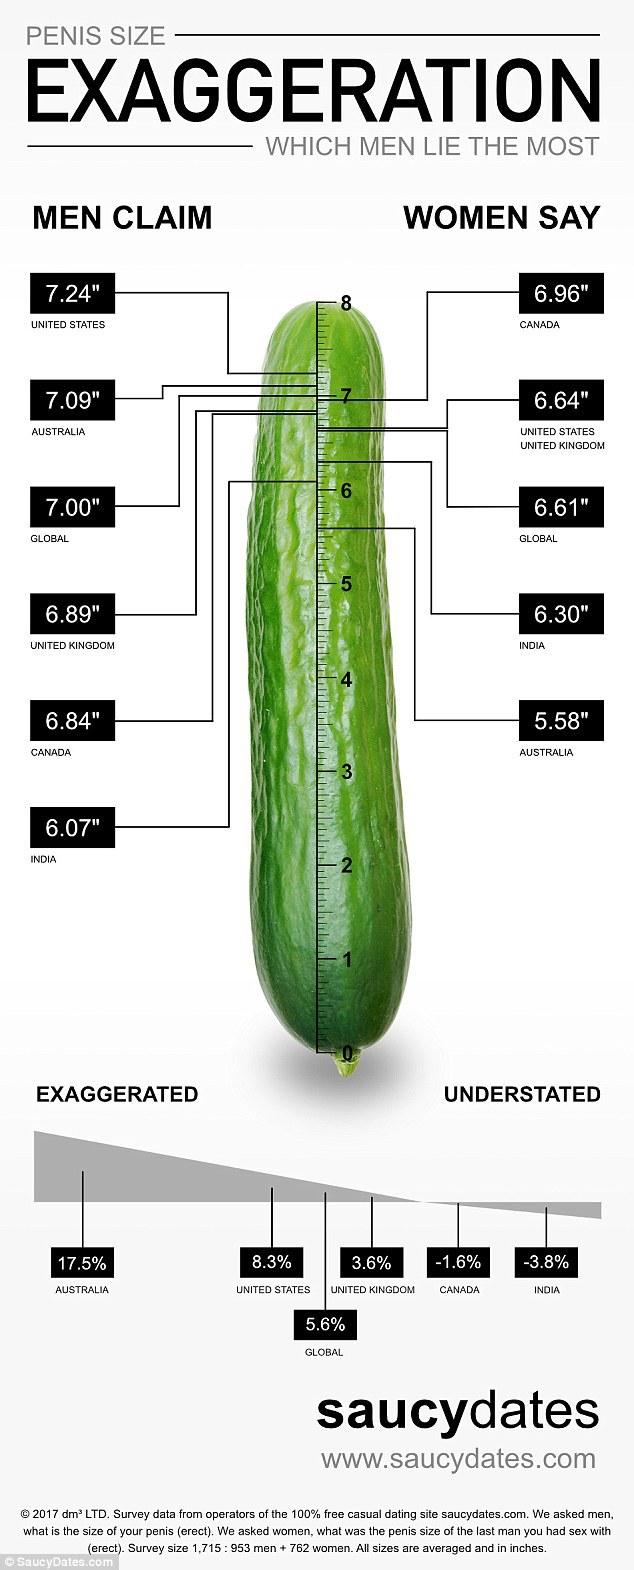 mărirea penisului contra